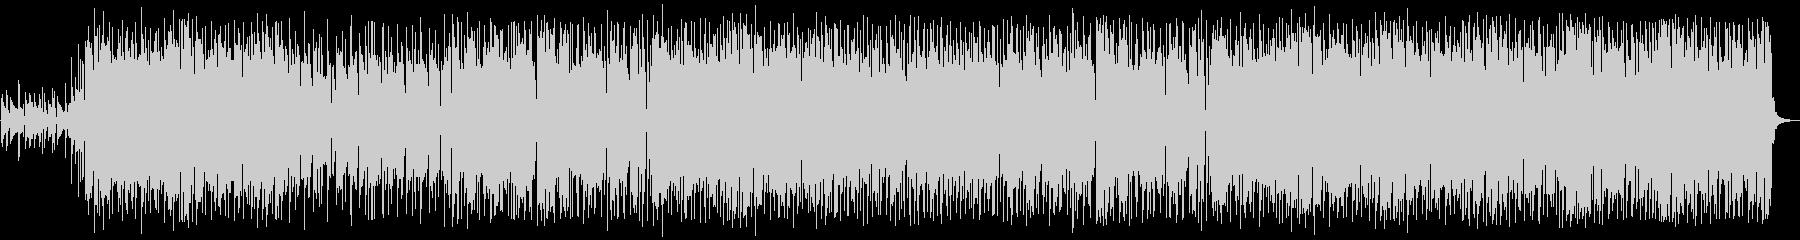 ピアノとギターのポップな癒し系BGMの未再生の波形